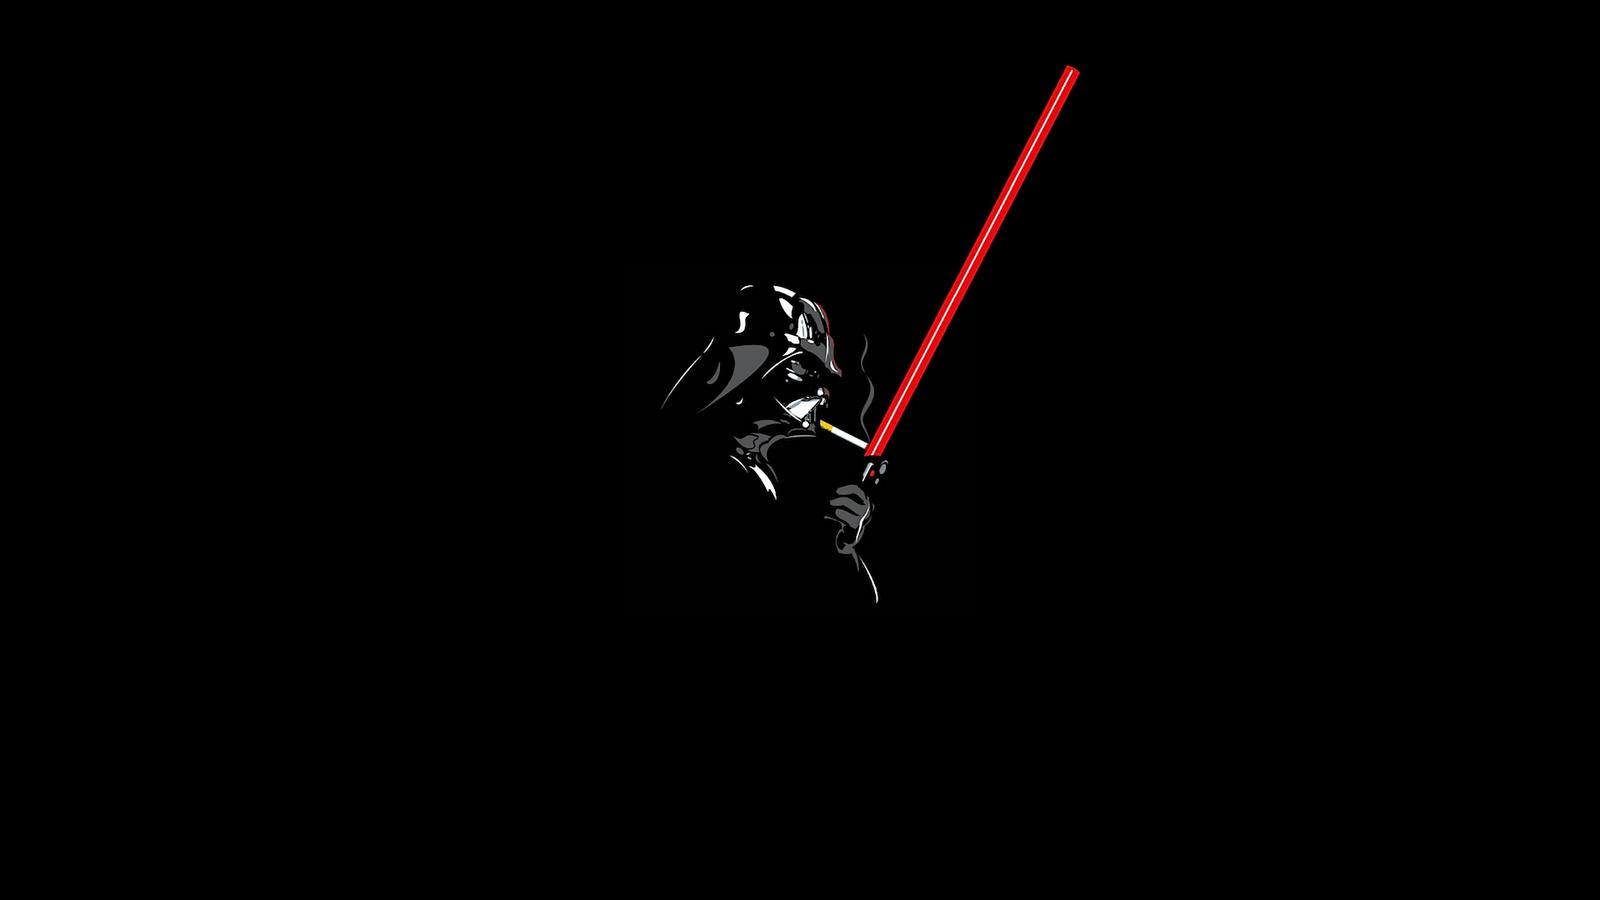 HD Wallpapers Star Wars HD Wallpaper 1600x900